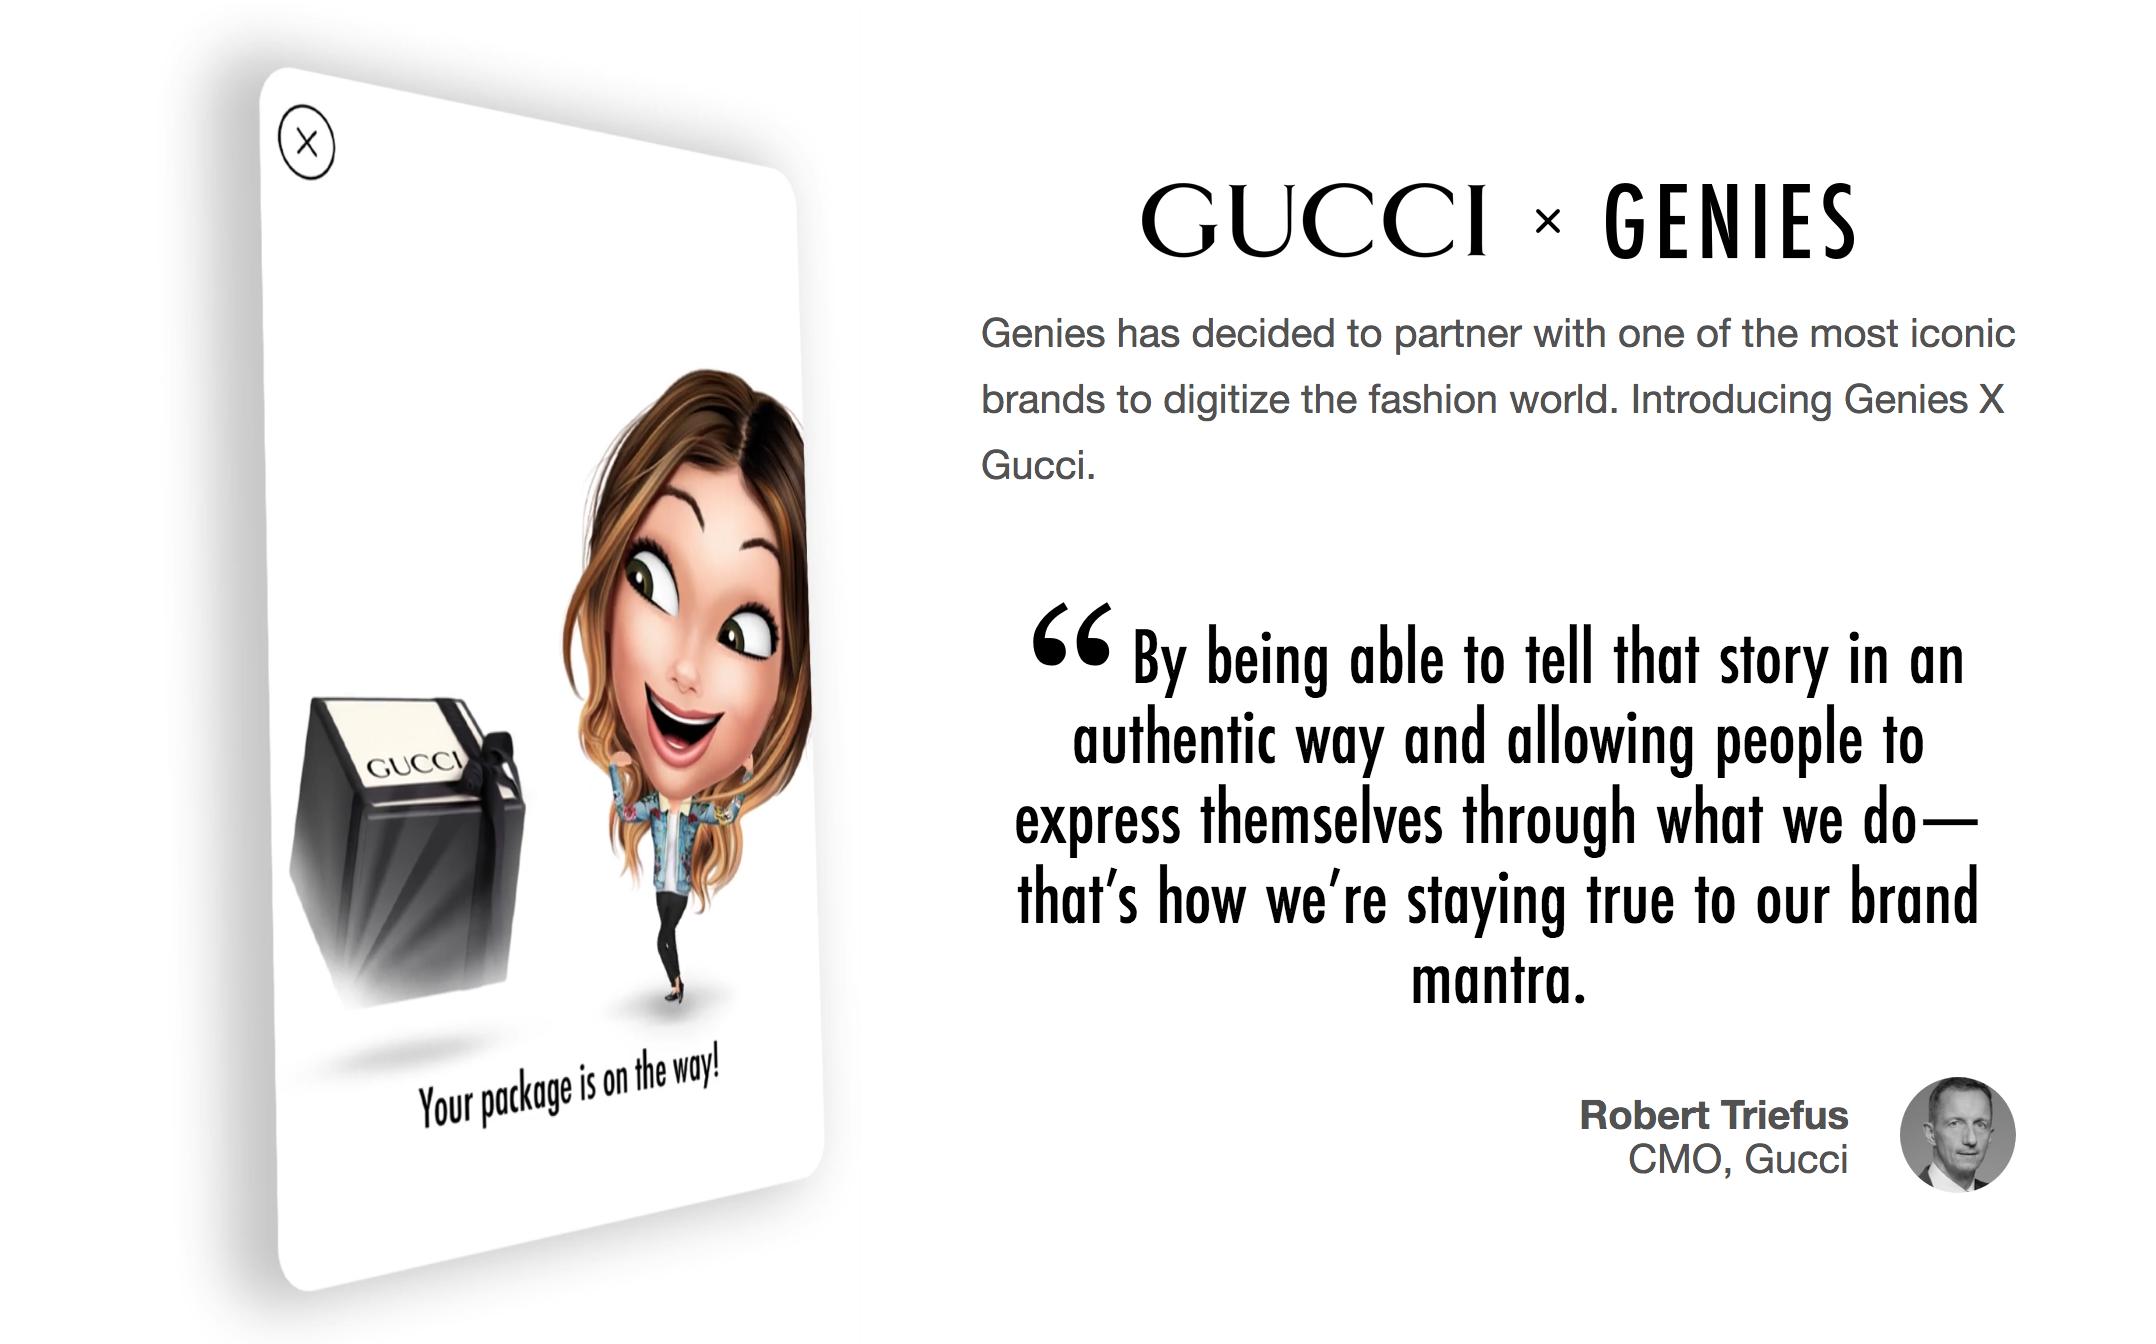 让你的数字化身穿上全套的 Gucci:虚拟形象服务商 Genies 将奢侈品类独家经营权授予 Gucci